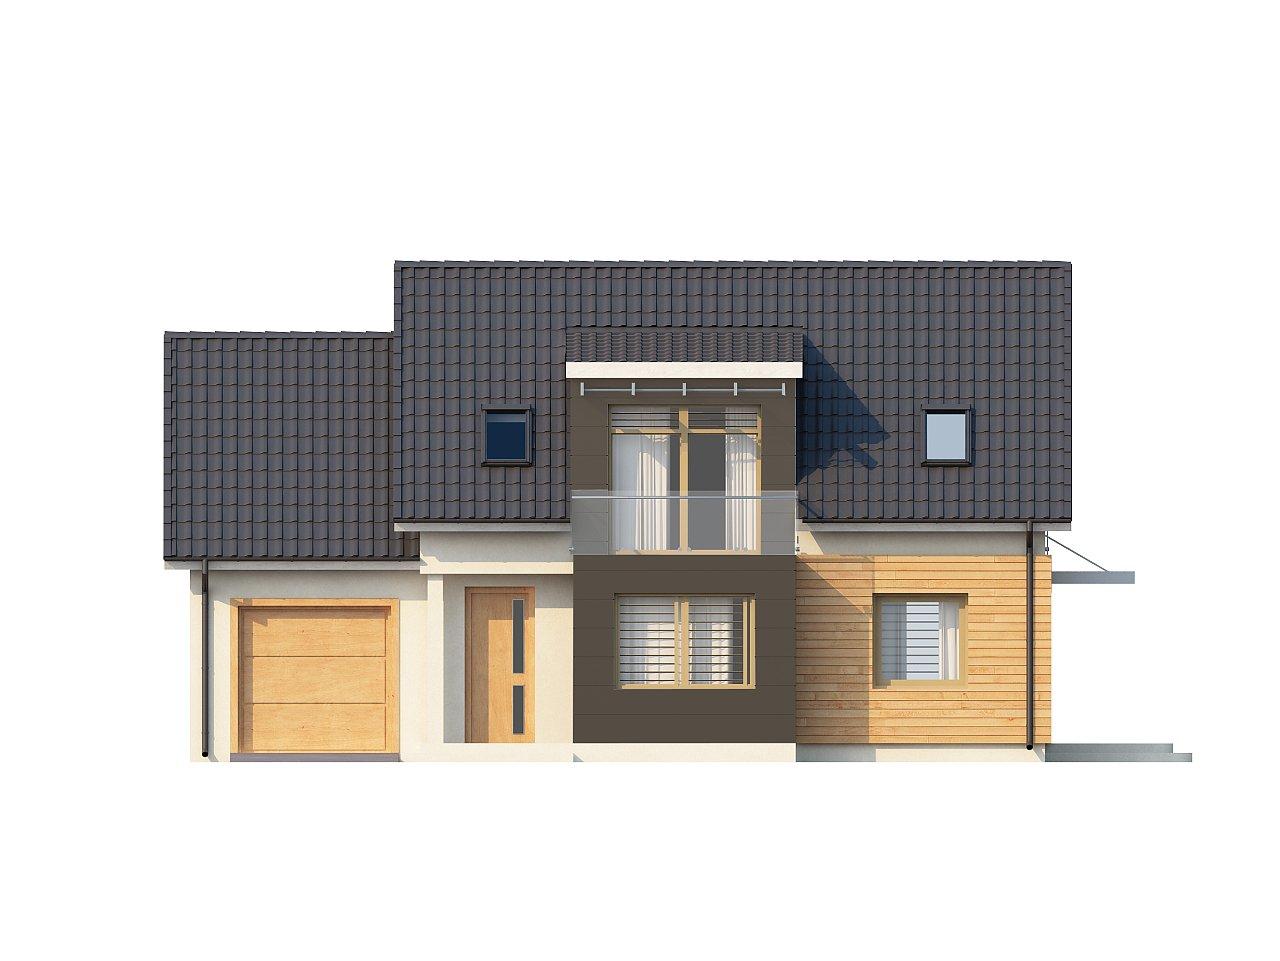 Проект дома с гаражом, с возможностью его использования в качестве двухсемейного. 3